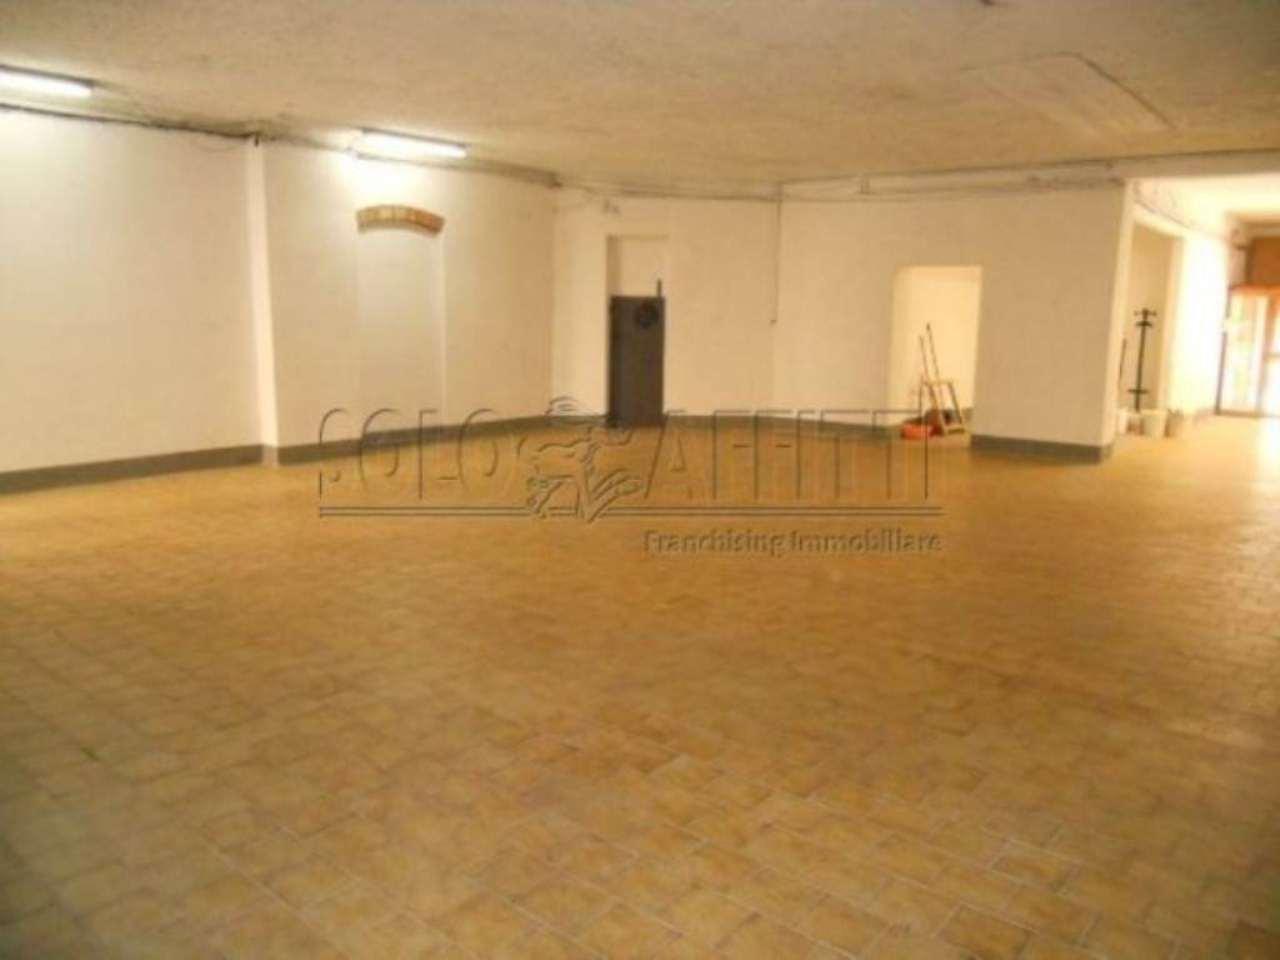 Negozio / Locale in affitto a Pistoia, 1 locali, Trattative riservate | Cambio Casa.it